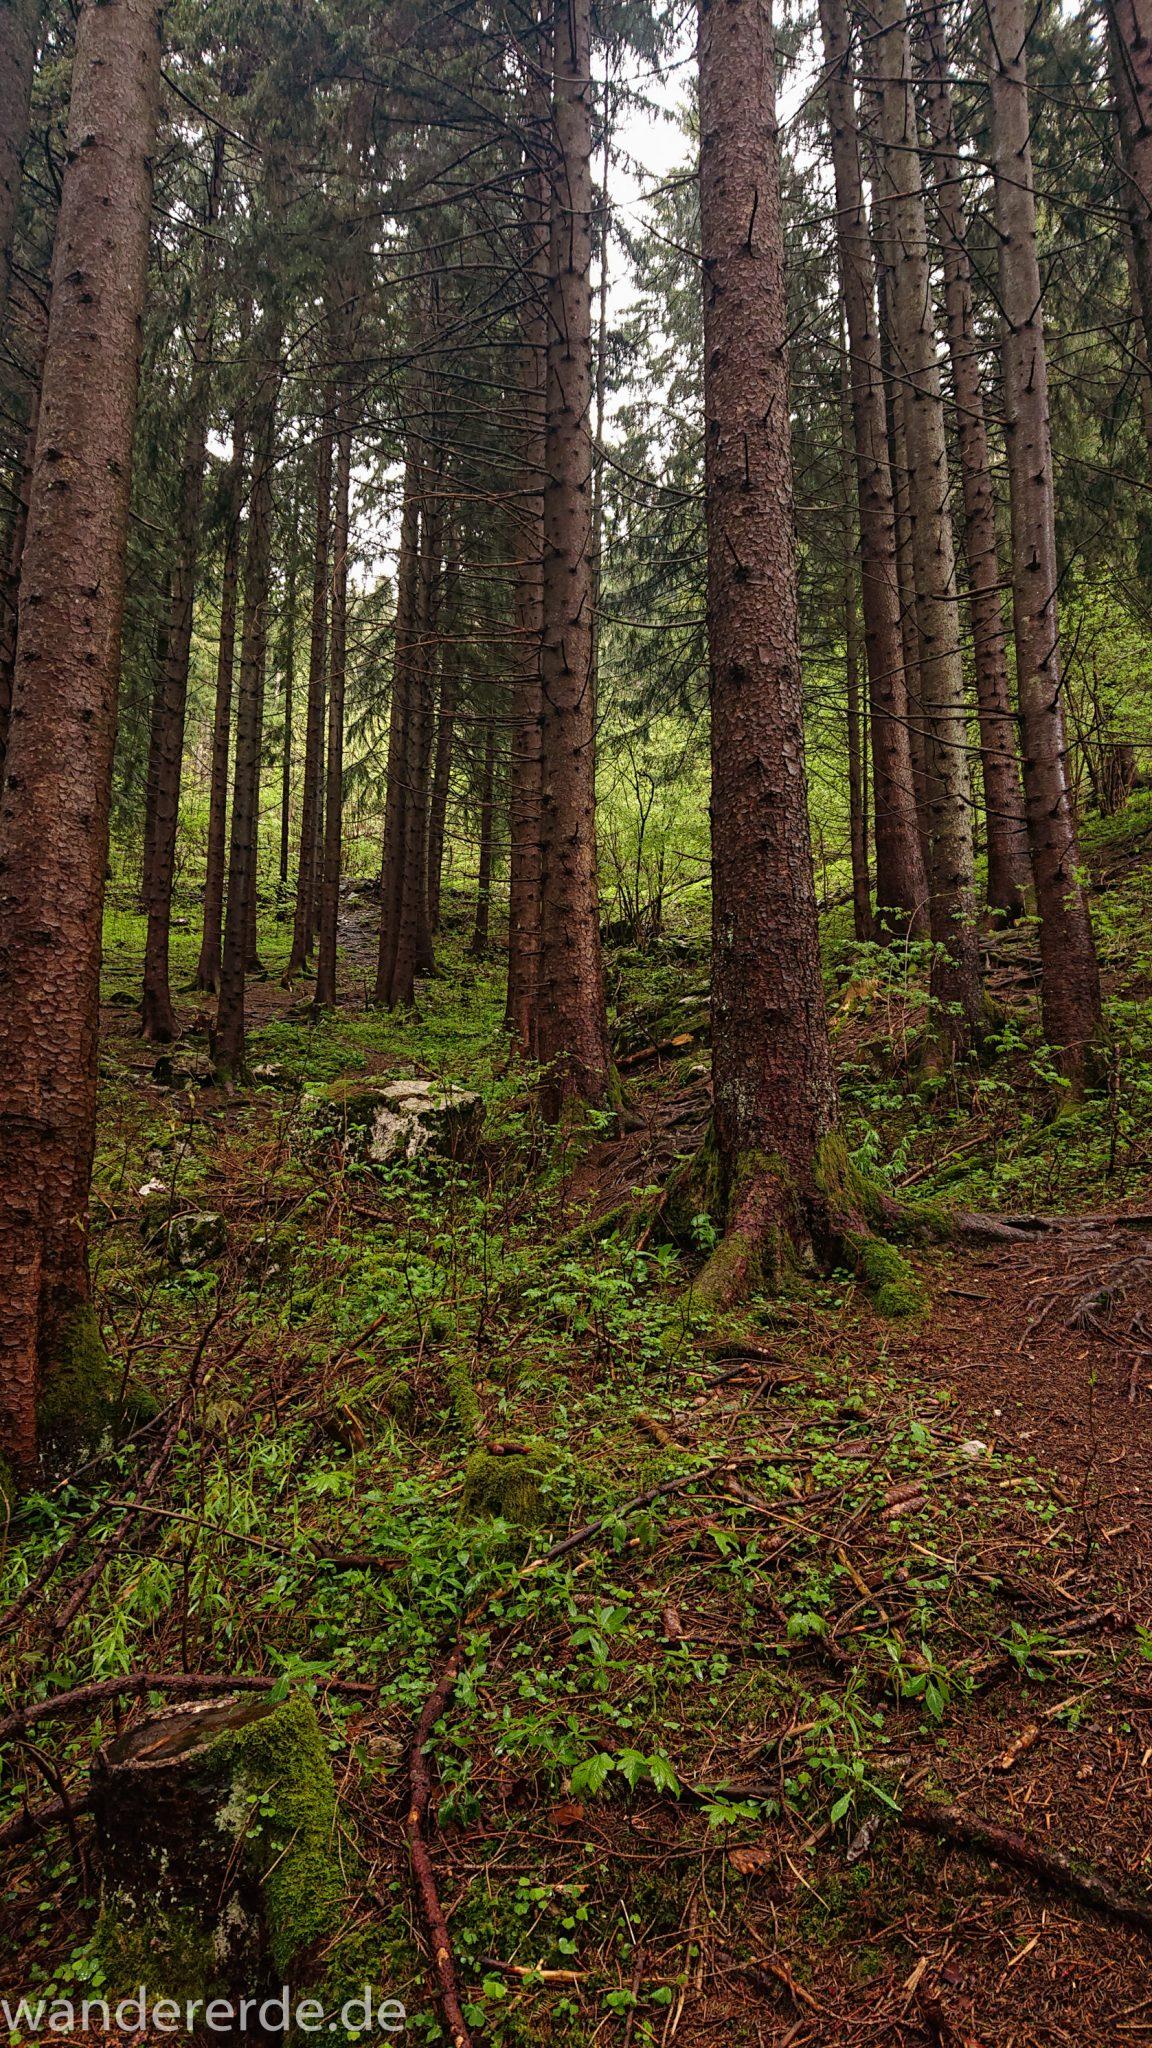 Wandern beim Tegelberg, Stadt Füssen – Parkplatz Drehhütte bis Rohrkopfhütte, schöner Wald, wolkig, tolle Atmosphäre